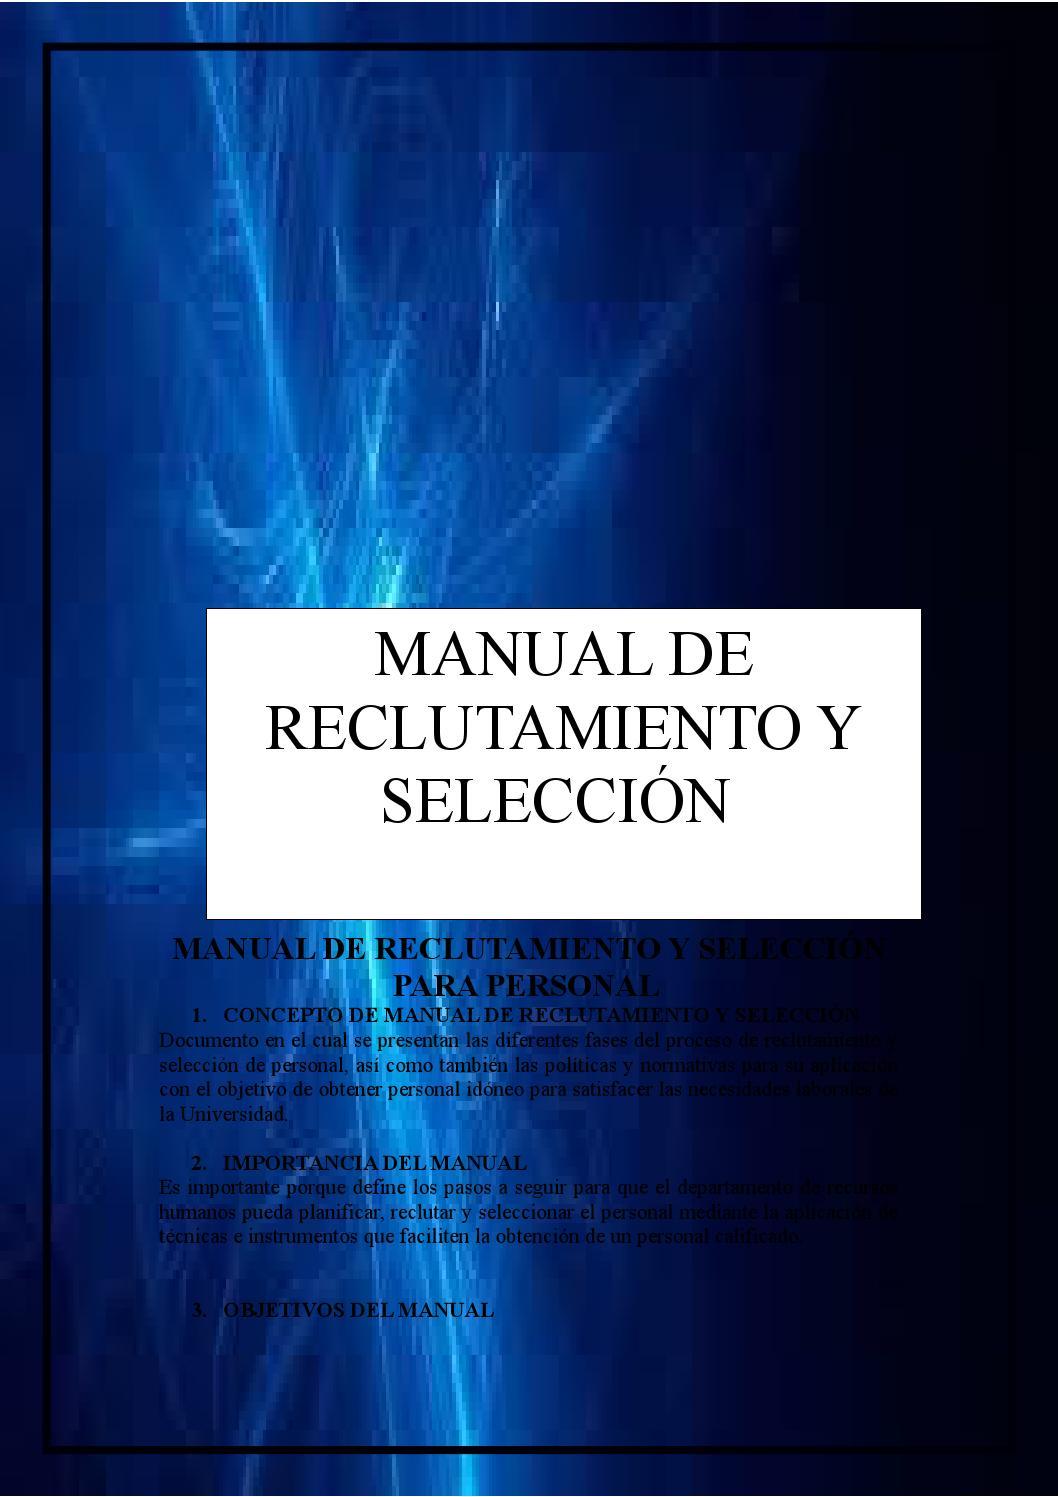 Manual de reclutamiento y seleccin para personal